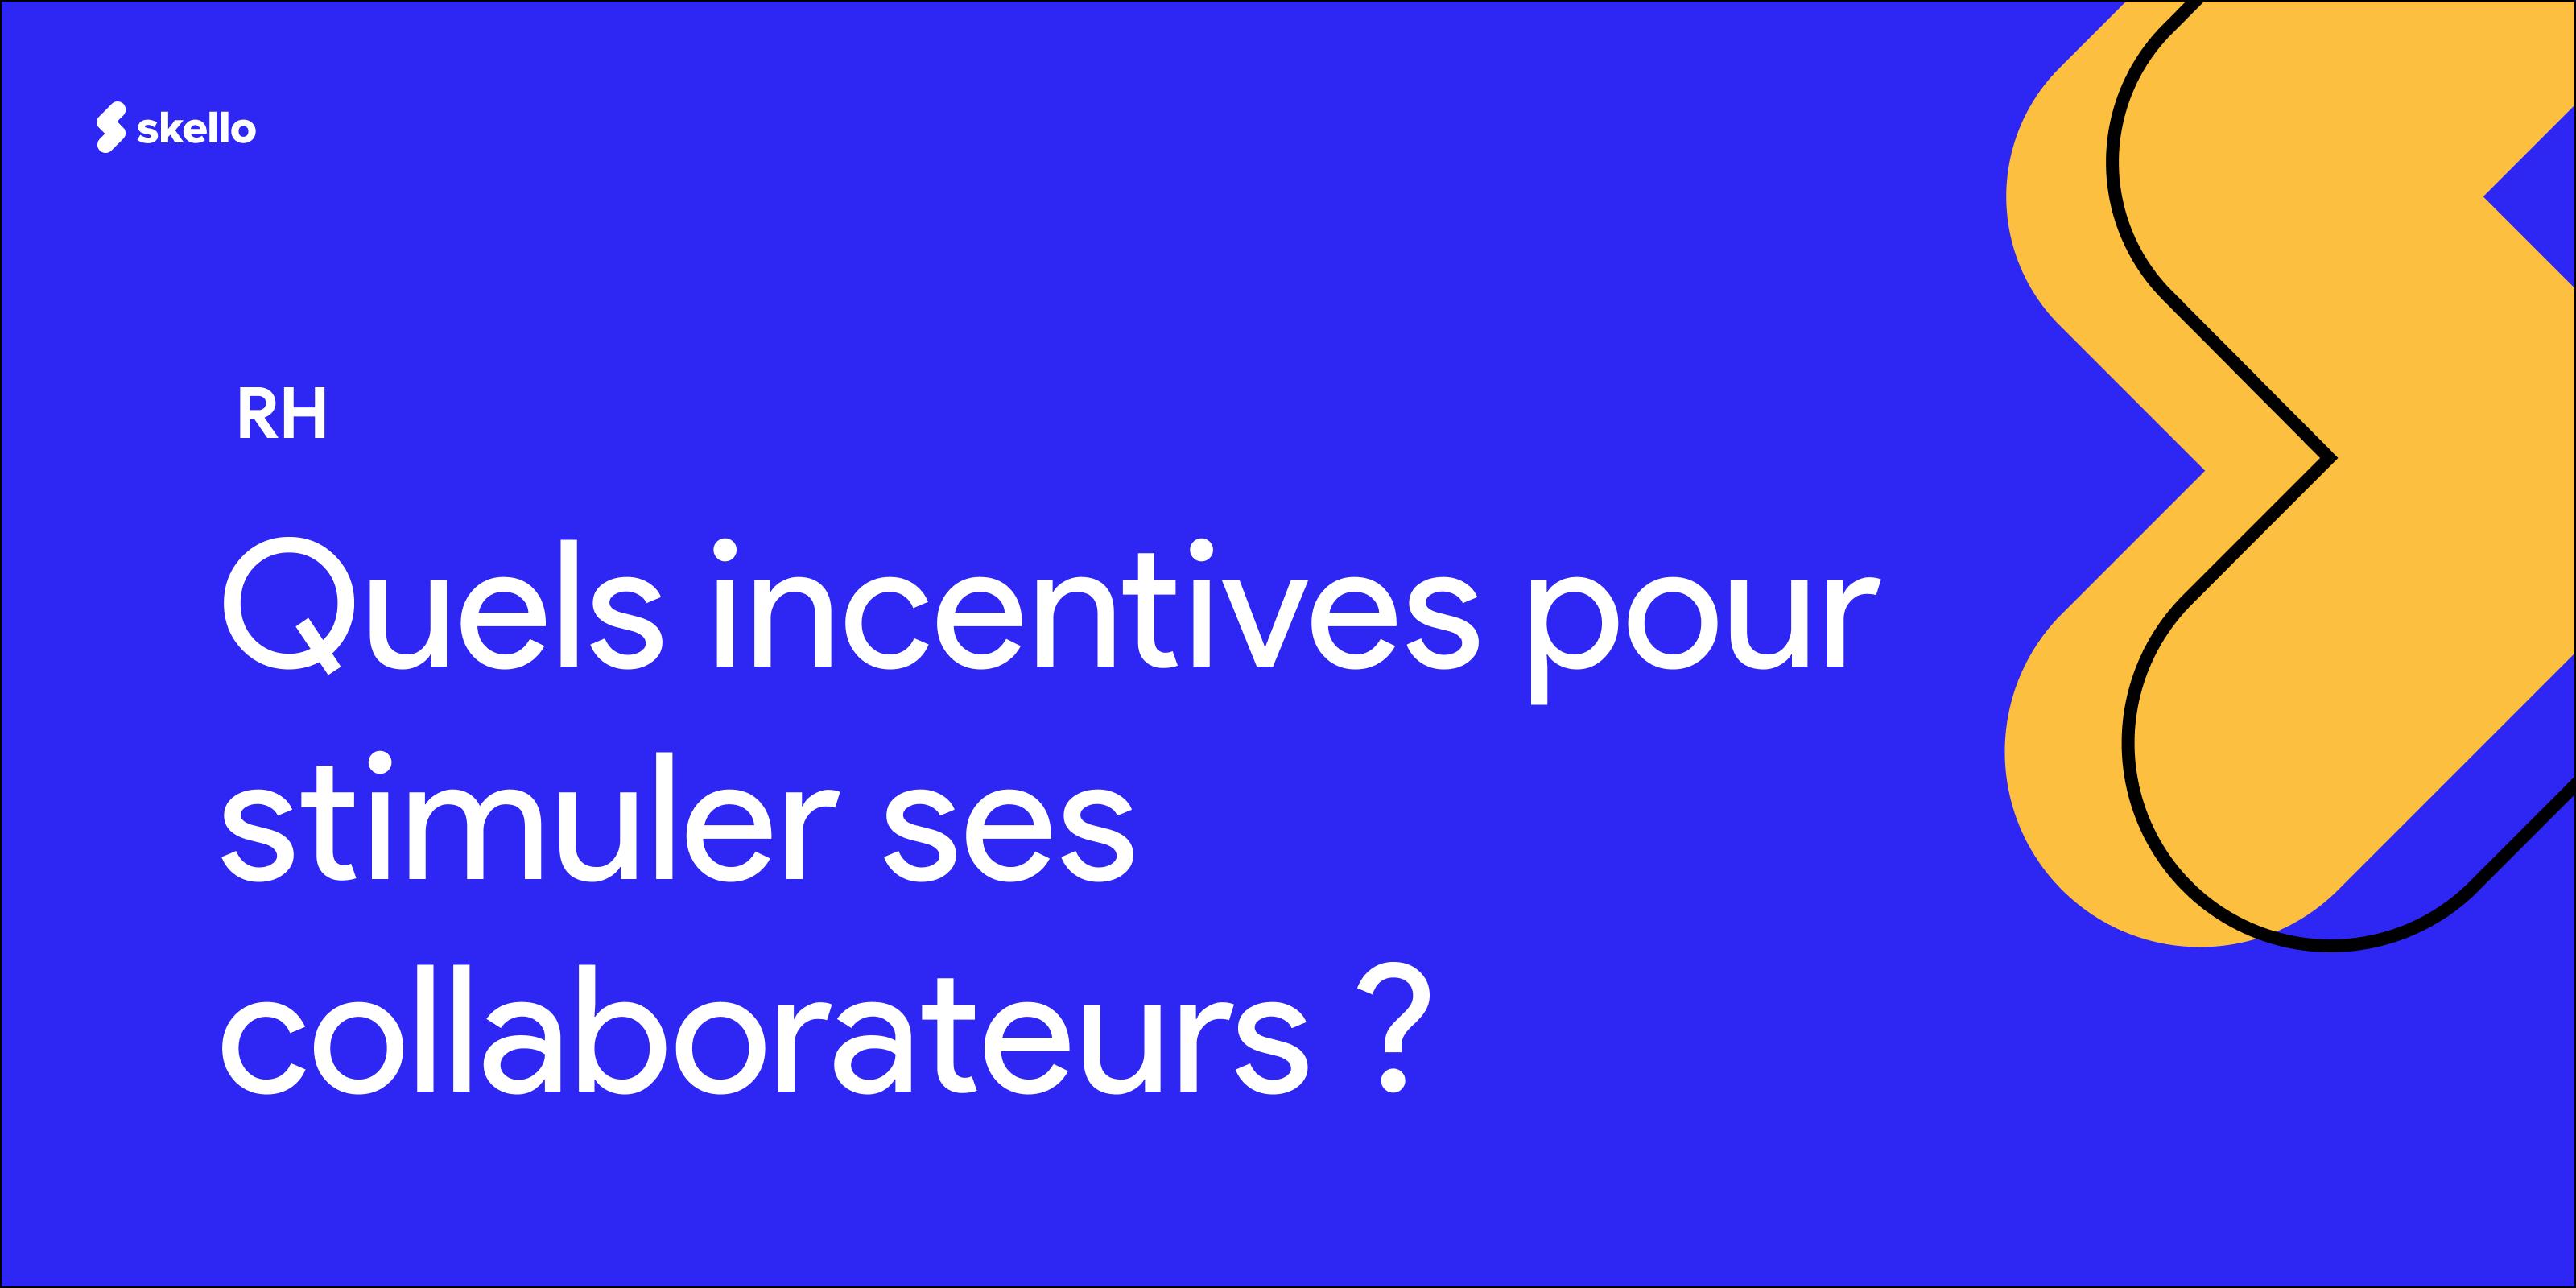 Quels incentives pour stimuler ses collaborateurs? 💸